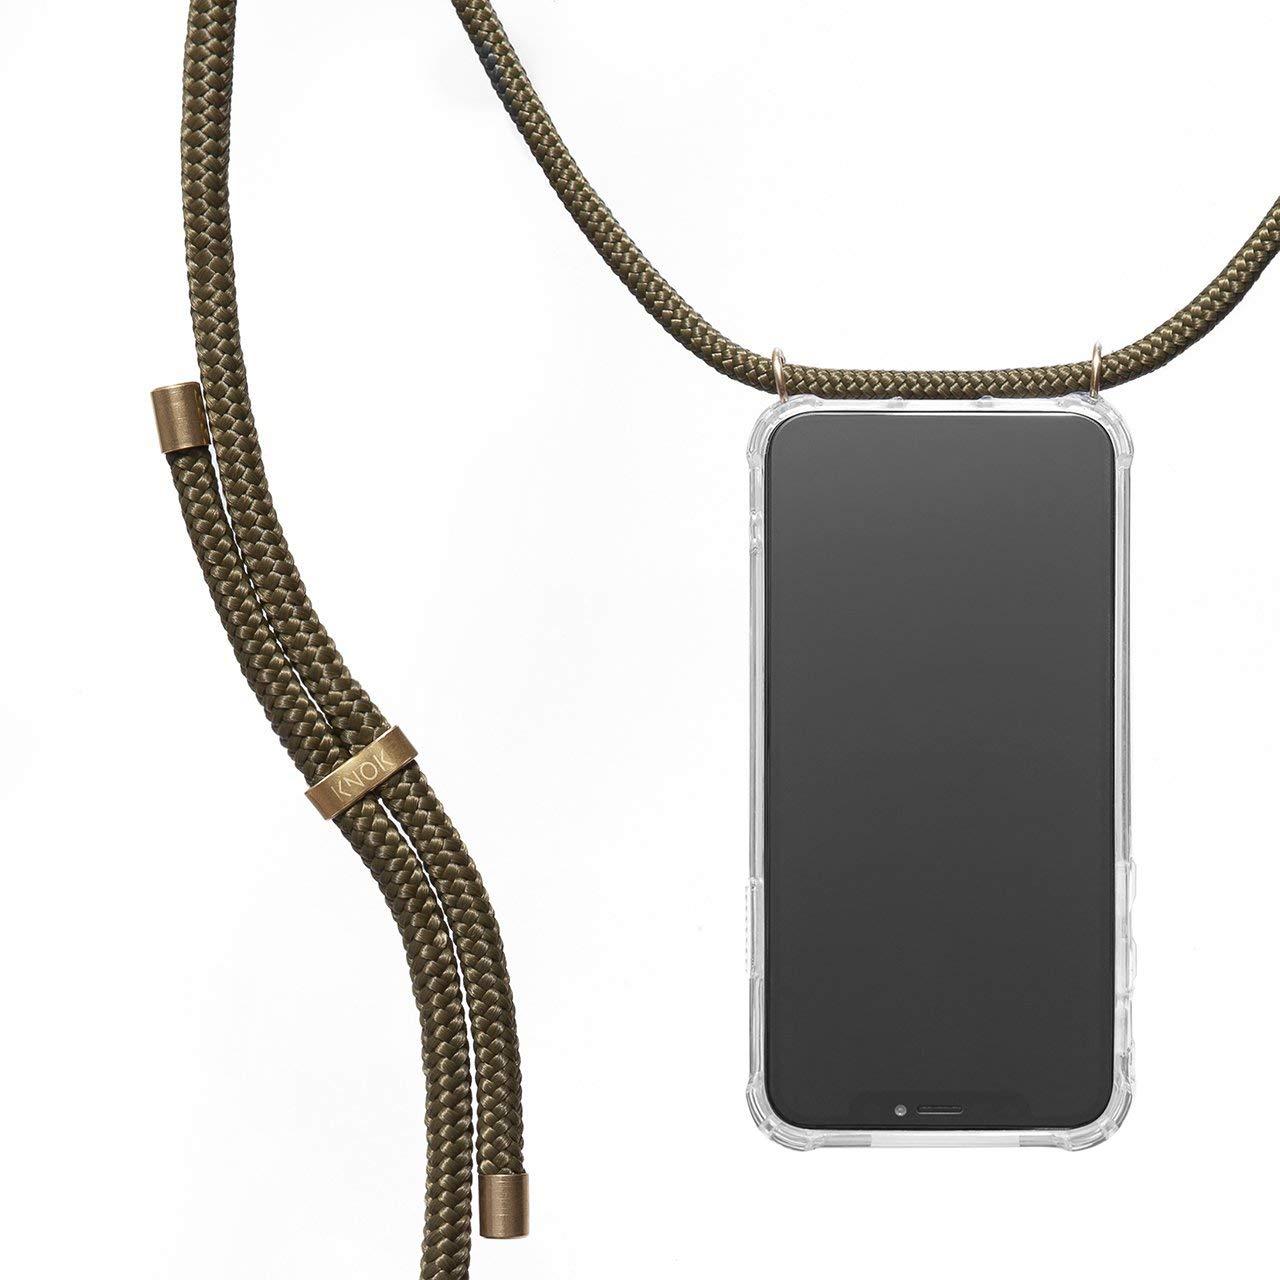 KNOK Case Carcasa de movil con Cuerda para Colgar iPhone 11 Pro con Cordon para Llevar en el Cuello Hecho a Mano en Berlin Funda para iPhone//Samsung//Huawei con Correa Colgante